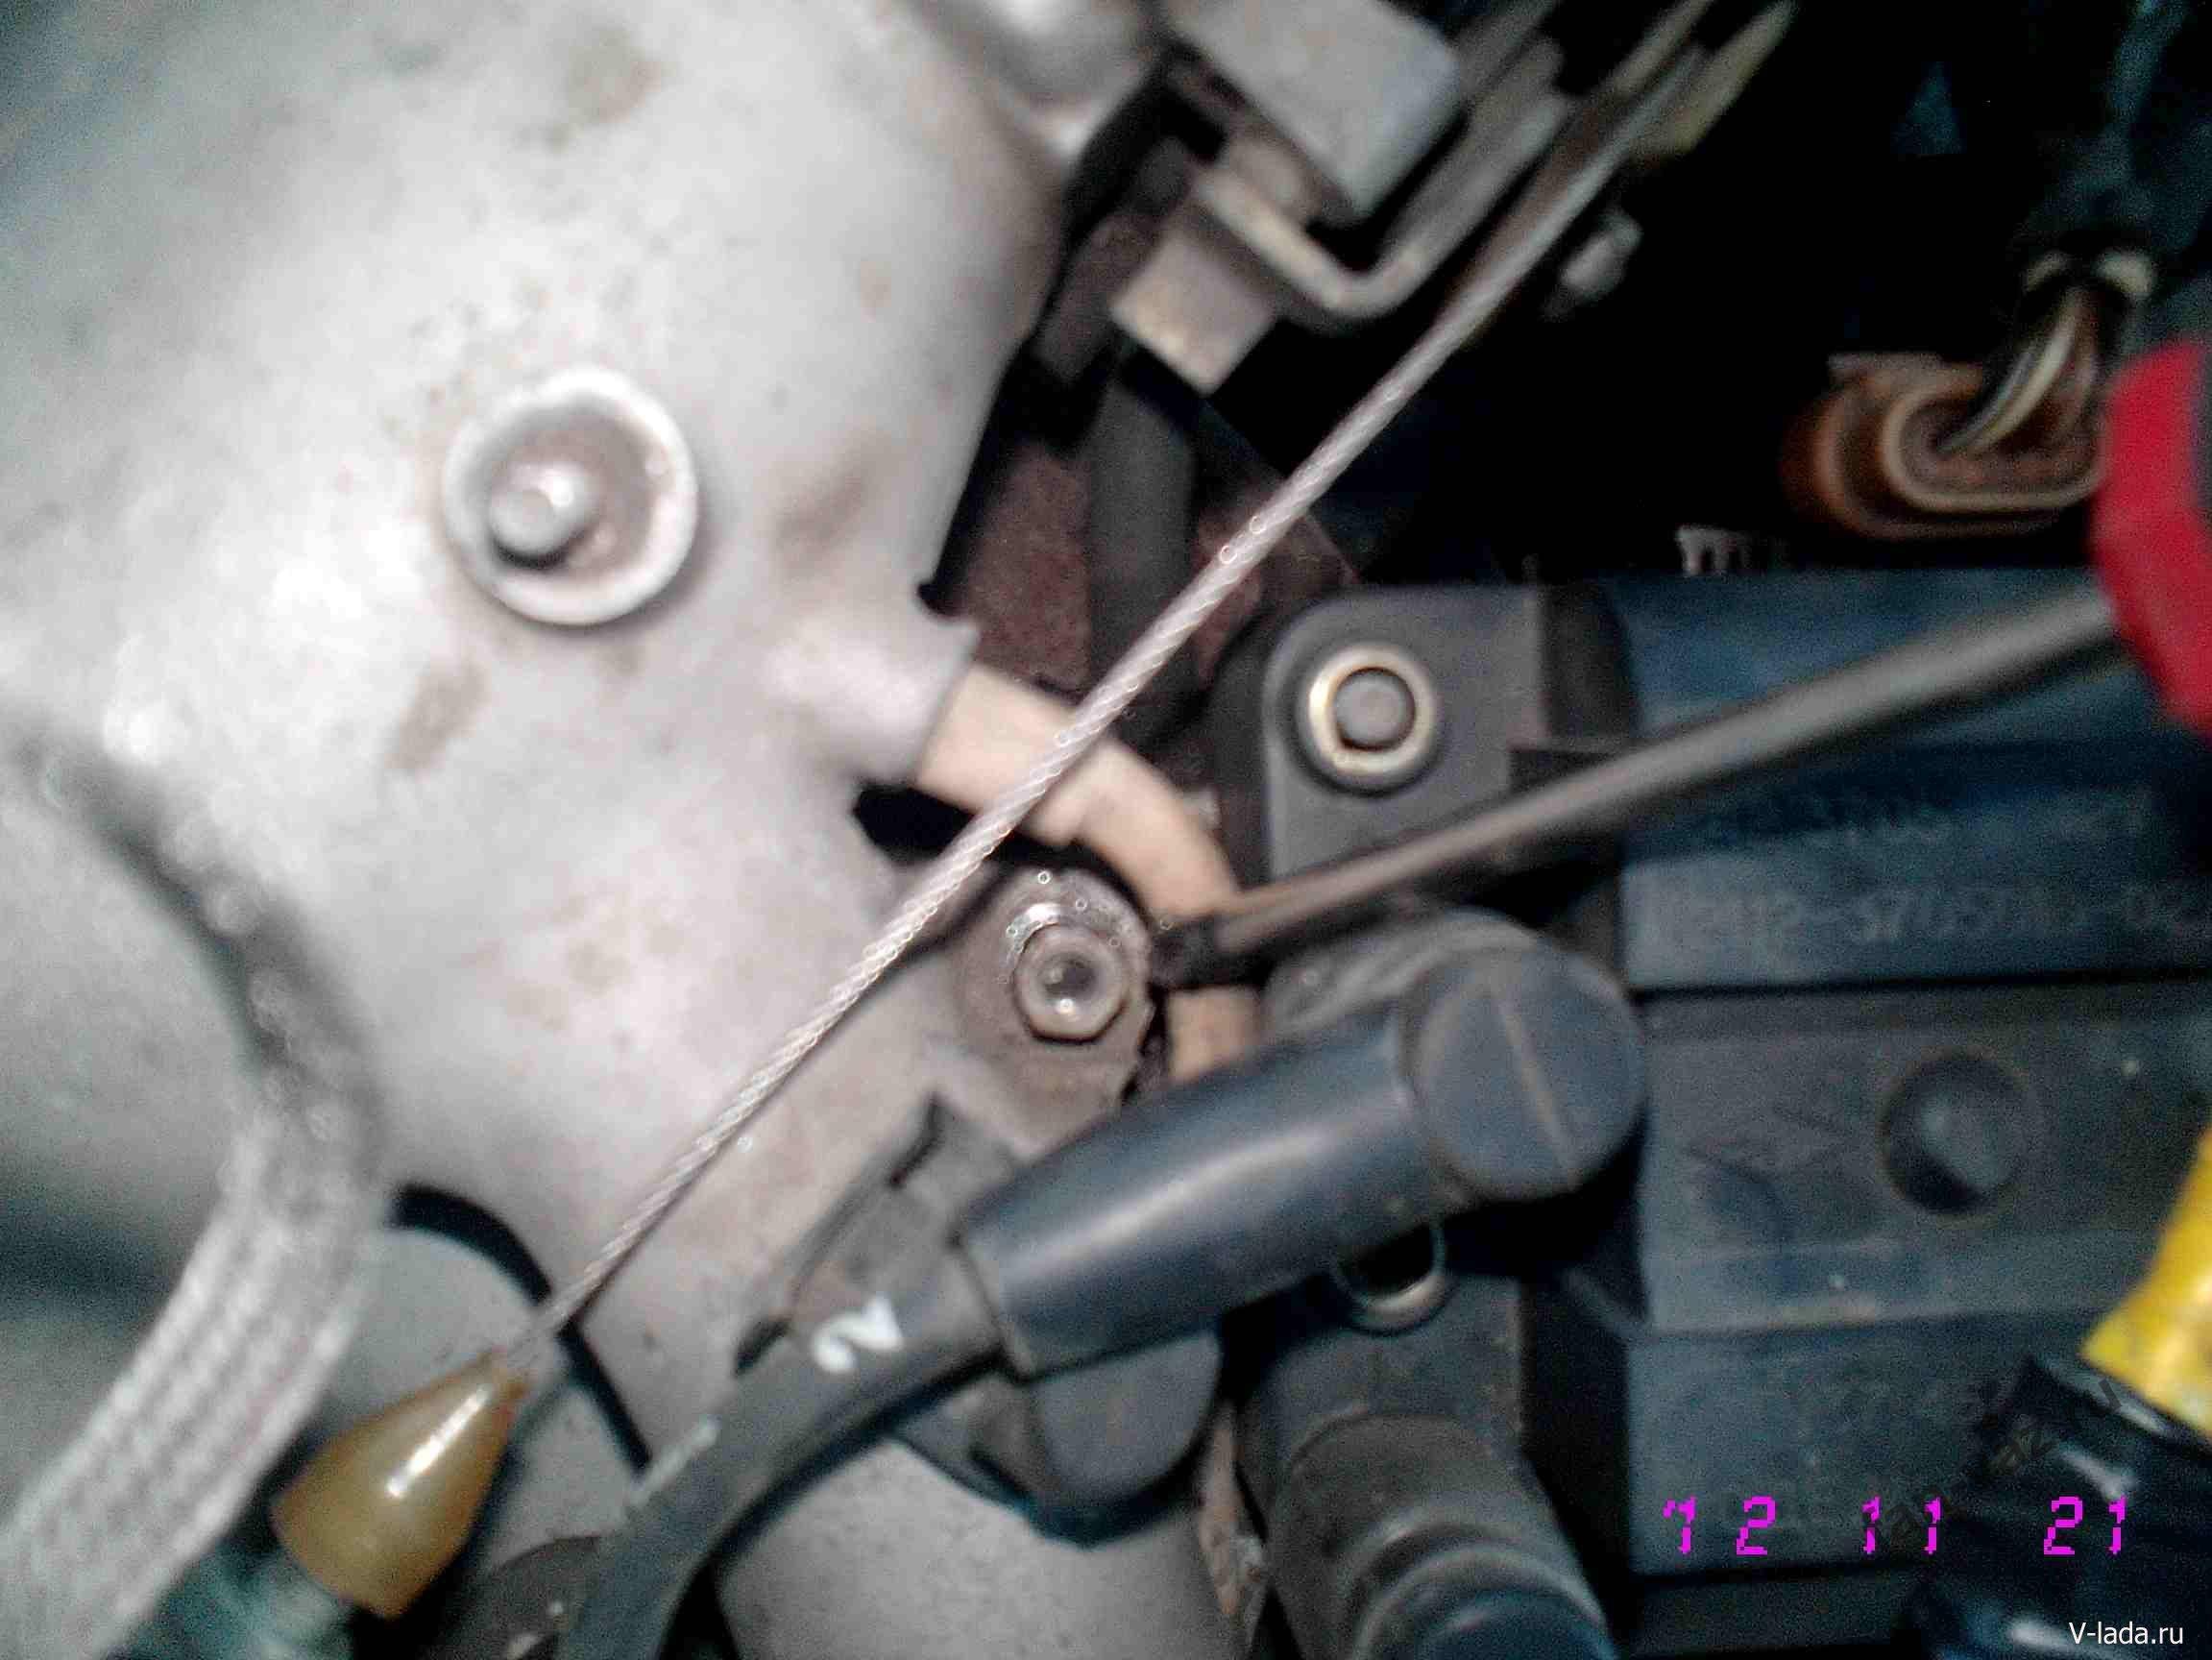 Фото №23 - установка гбо на ВАЗ 2110 своими руками